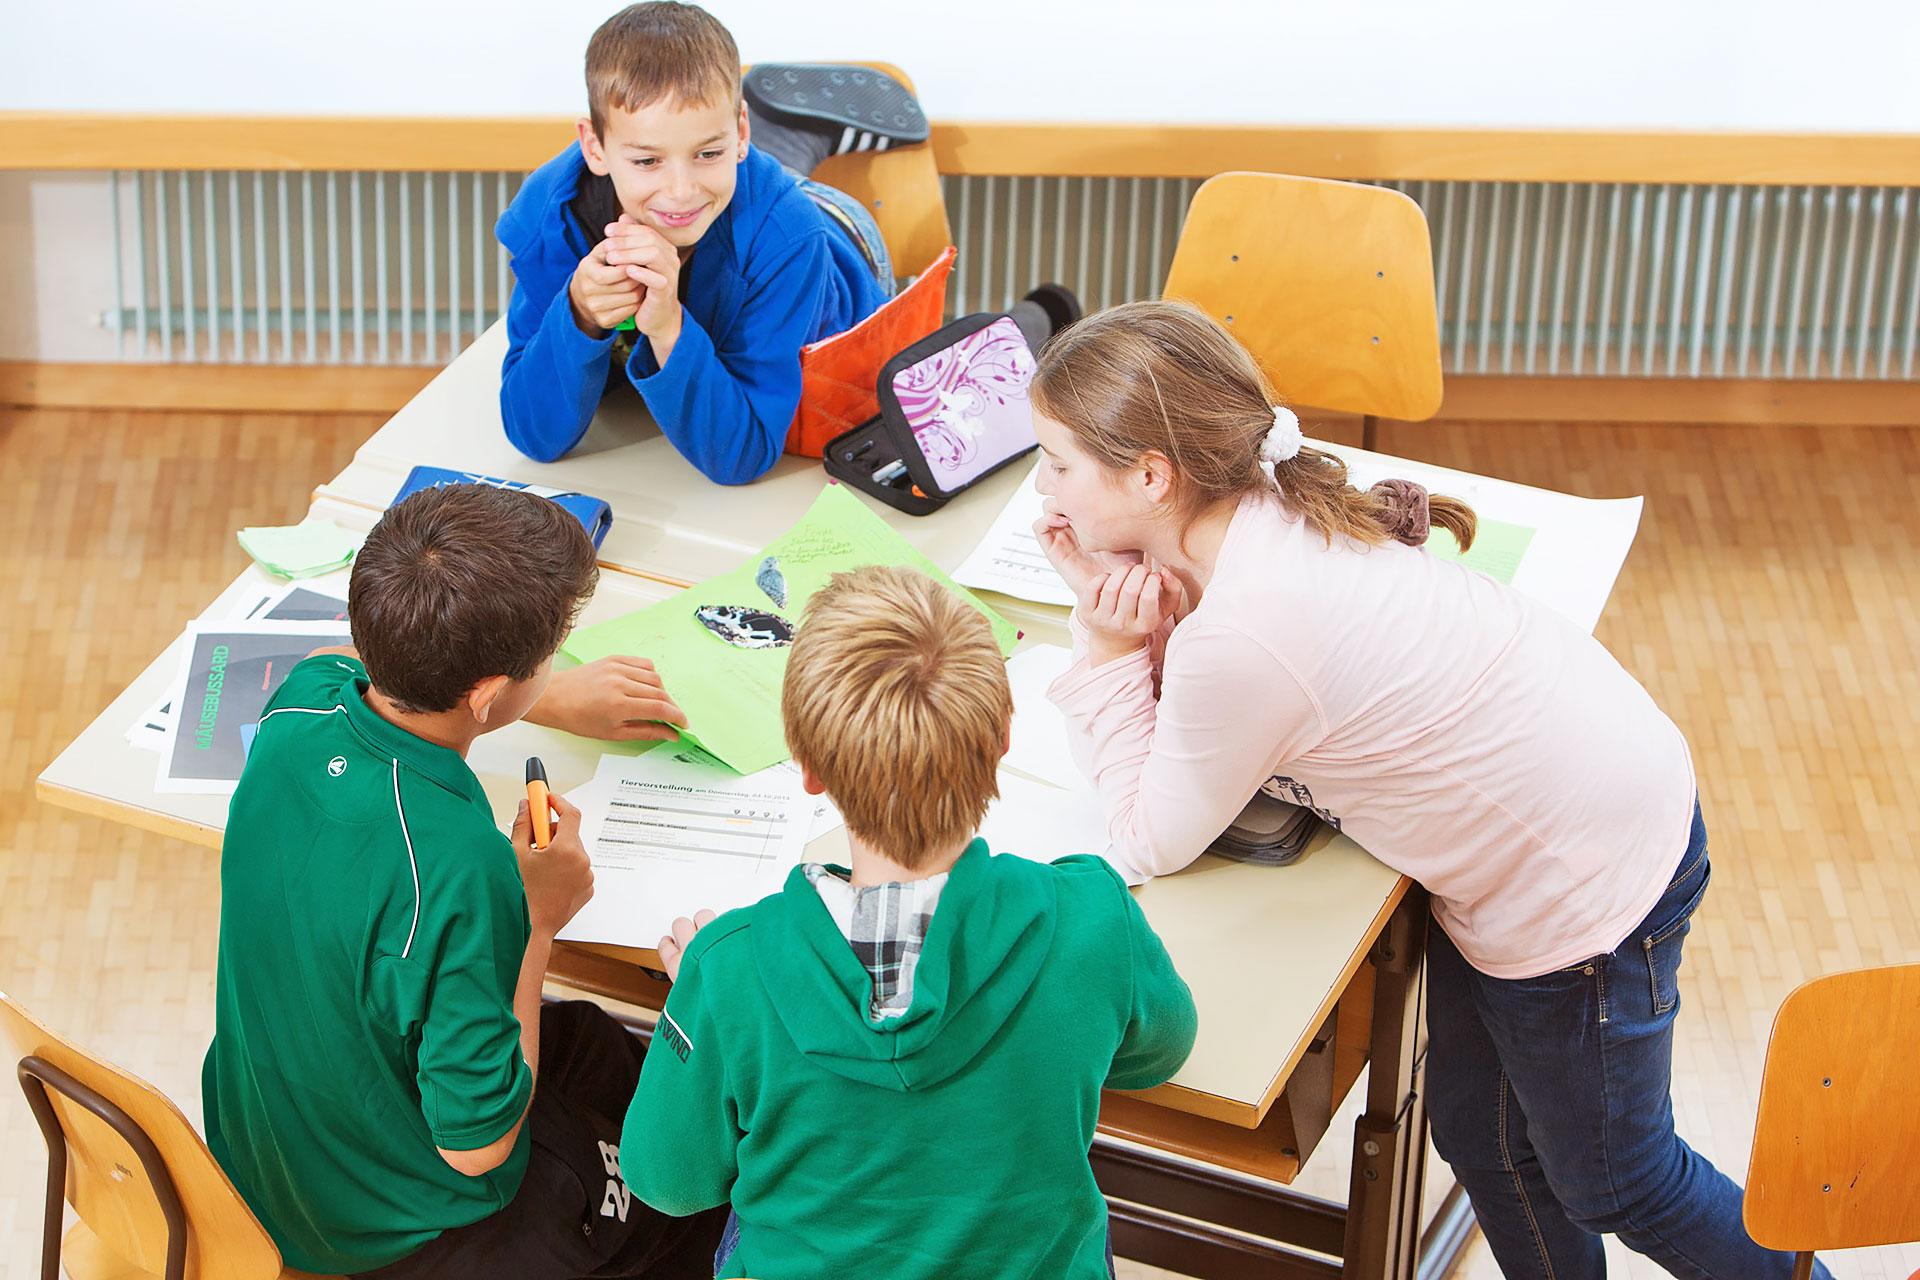 vier Schüler besprechen eine Tiervorstellung am Vierertisch